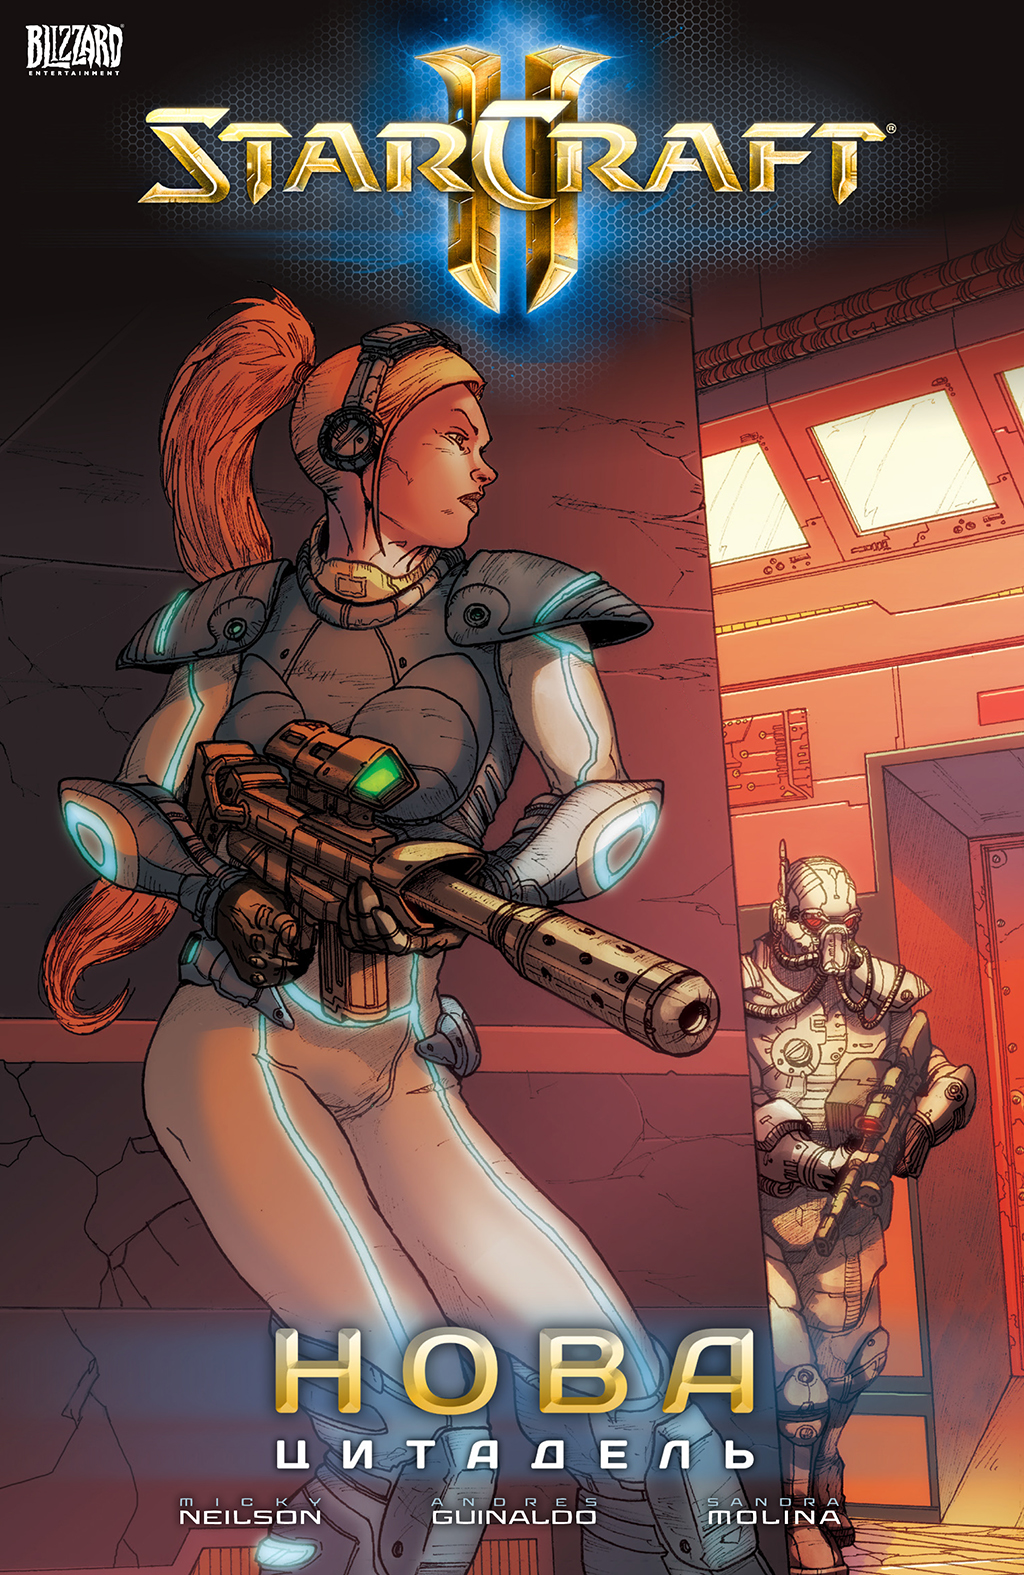 Комикс StarCraft II Нова Цитадель